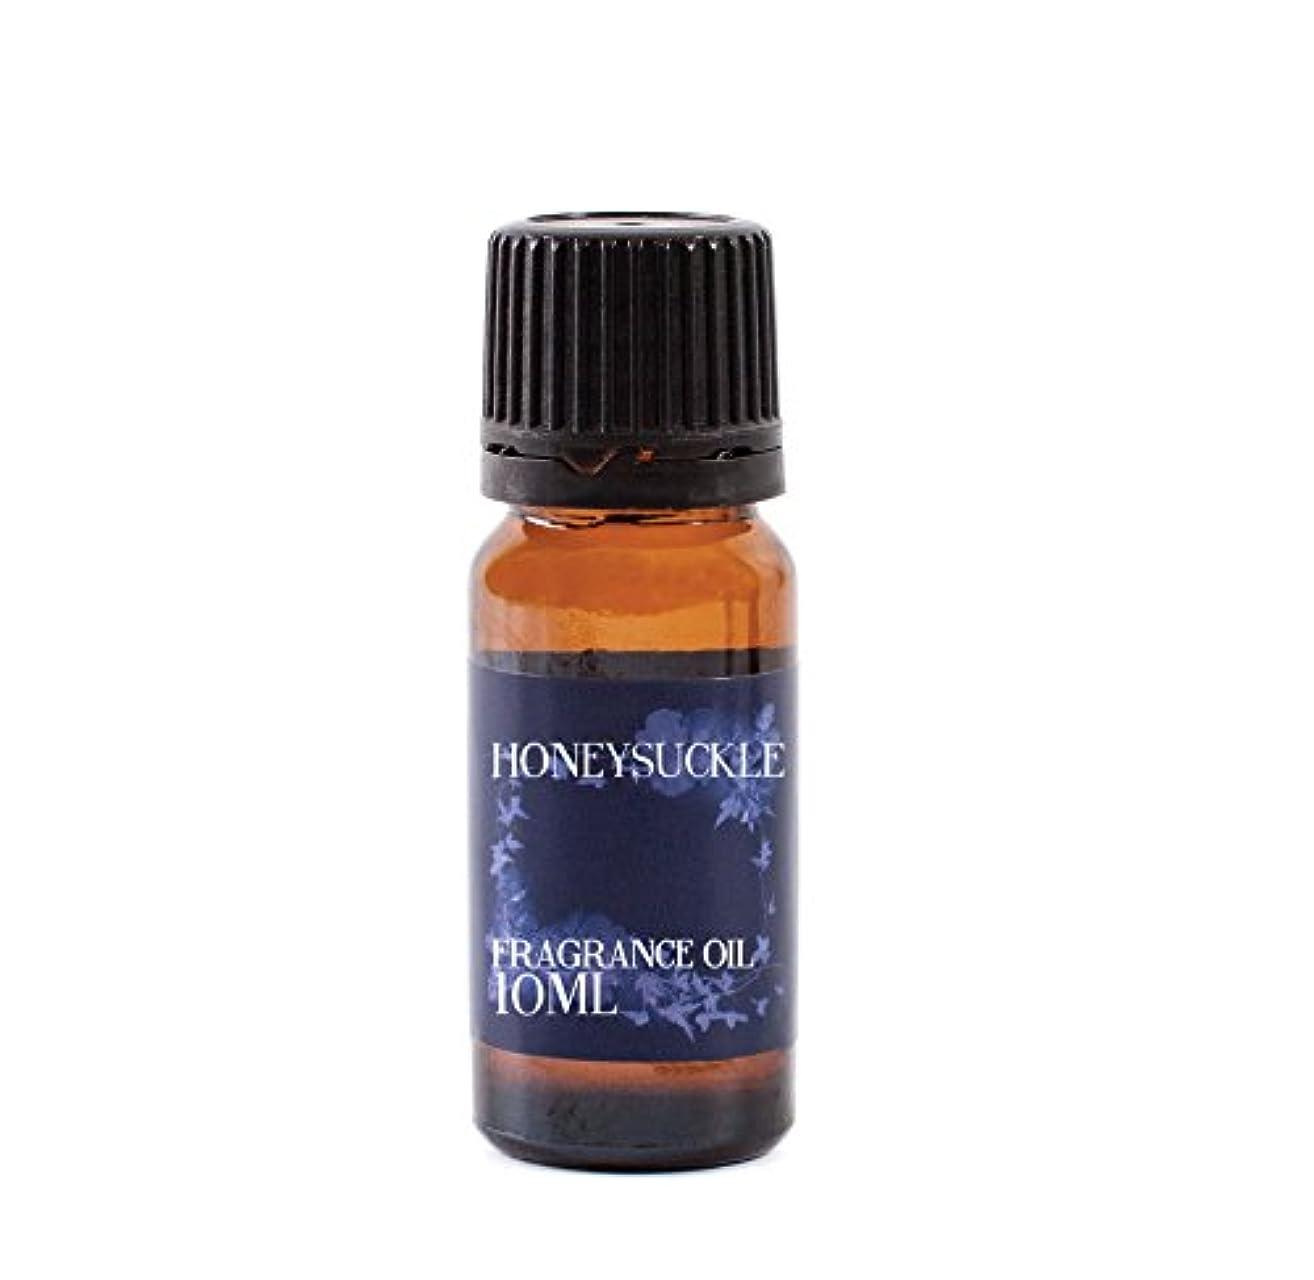 裕福なアサート翻訳するMystic Moments | Honeysuckle Fragrance Oil - 10ml